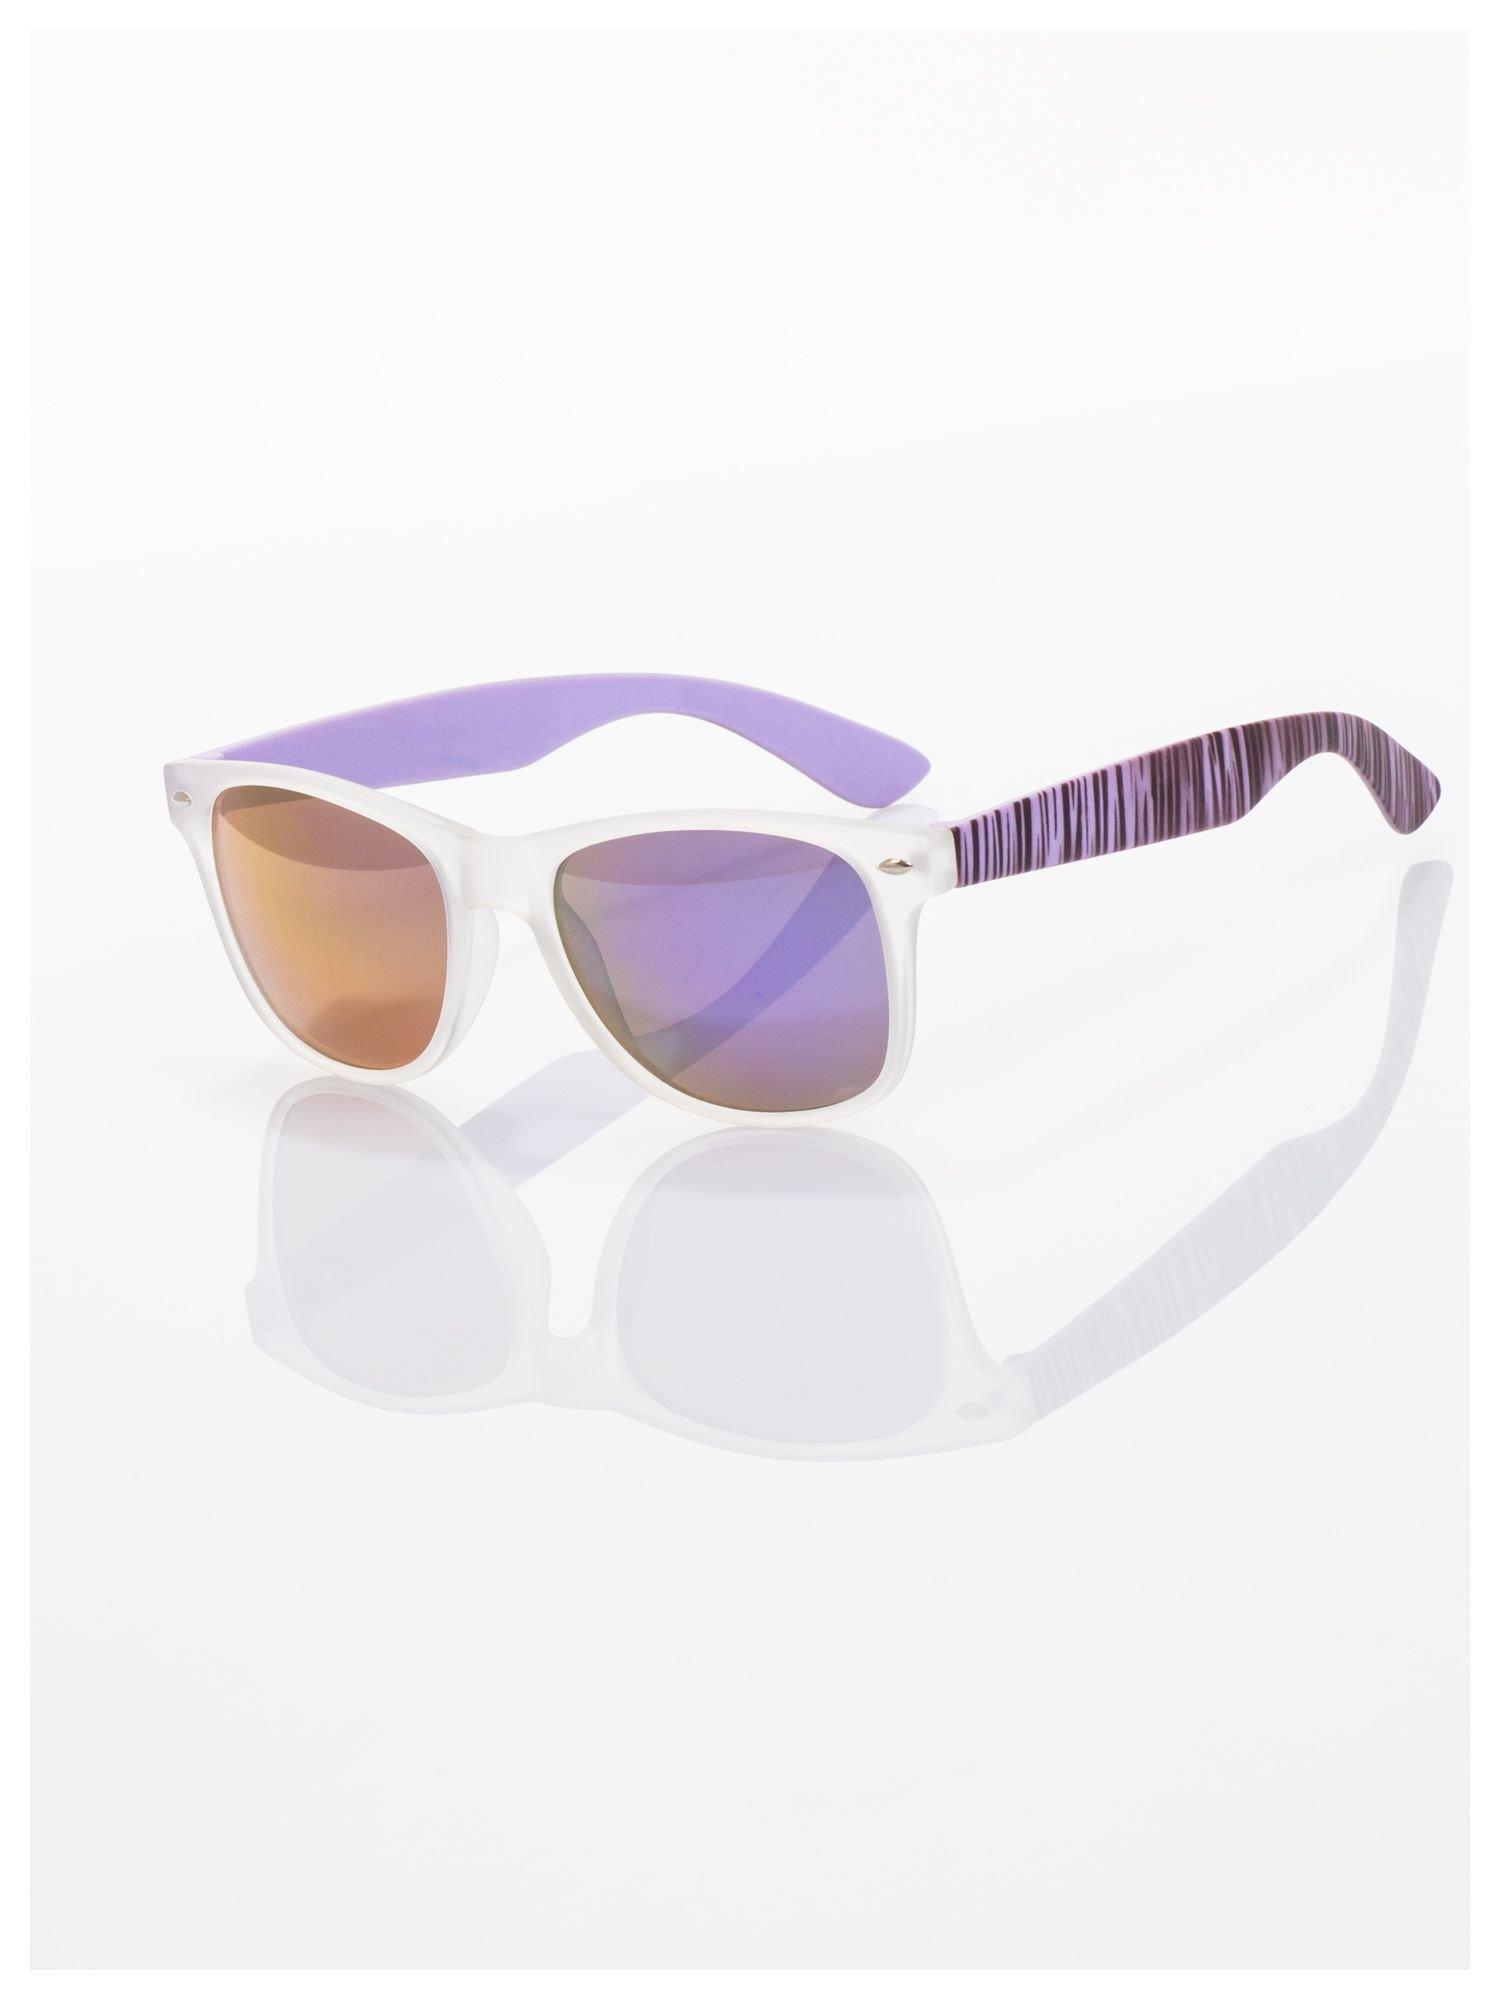 Fioletowe  lustrzanki z filtrami UV okulary z klasyczną oprawką WAYFARER NERD z efektem mlecznej szyby -odporne na wyginania                                  zdj.                                  2